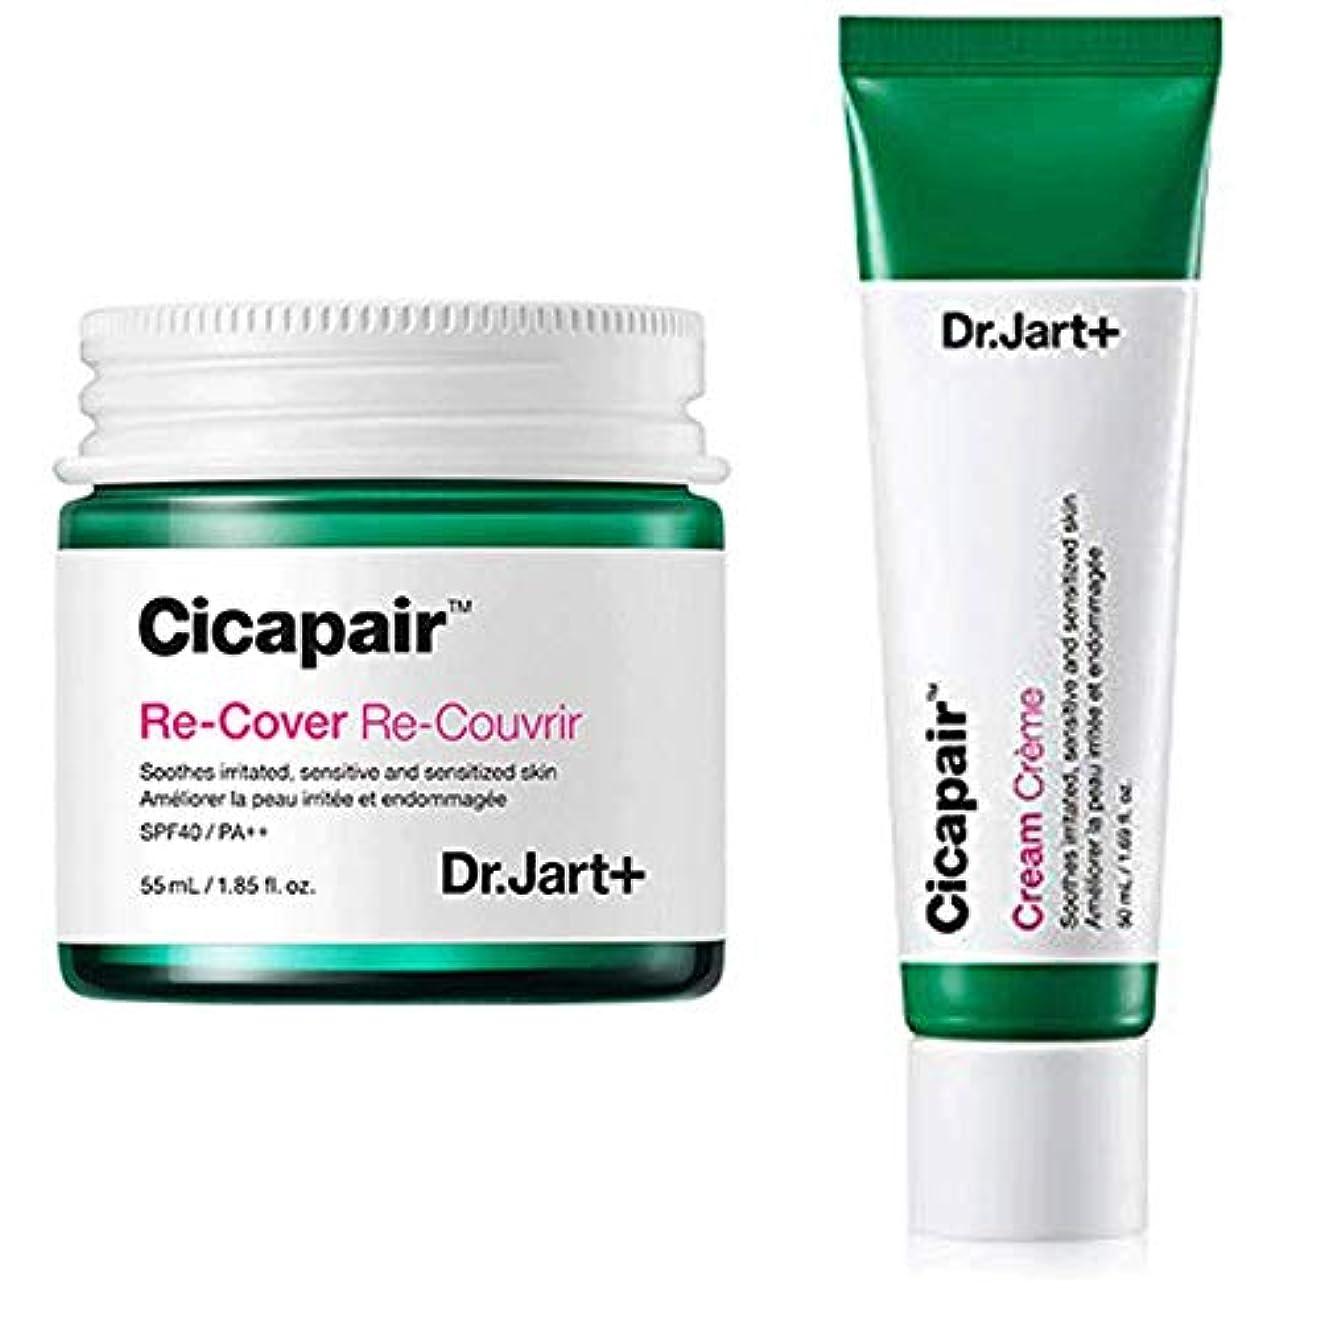 達成パーセントポータルDr.Jart+ Cicapair Cream + ReCover ドクタージャルトシカペアクリーム50ml + リカバー 55ml (2代目) セット [並行輸入品]